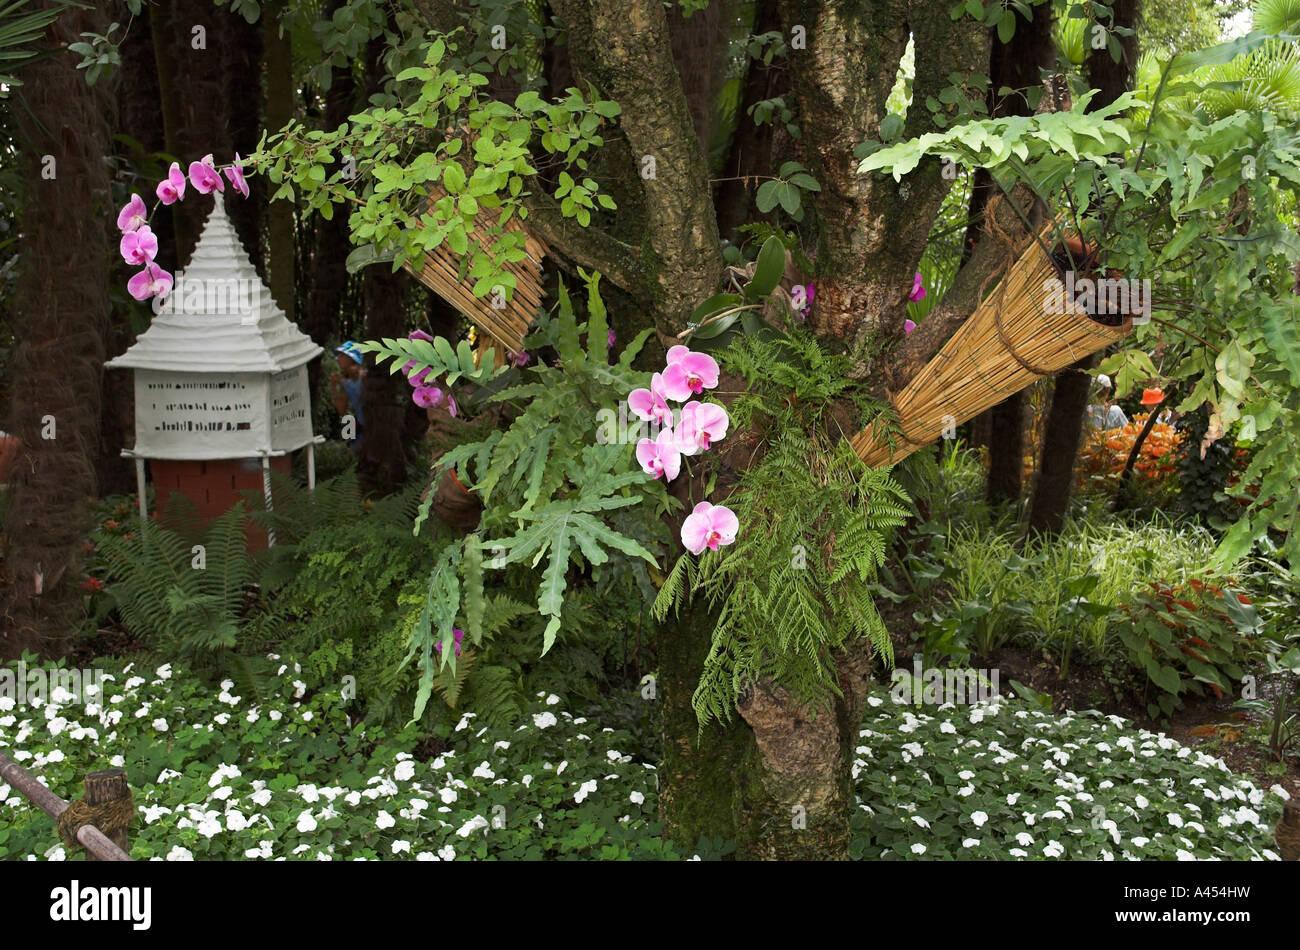 Orchideen Wachsen Auf Einem Baum In Der Heller Botanischer Garten